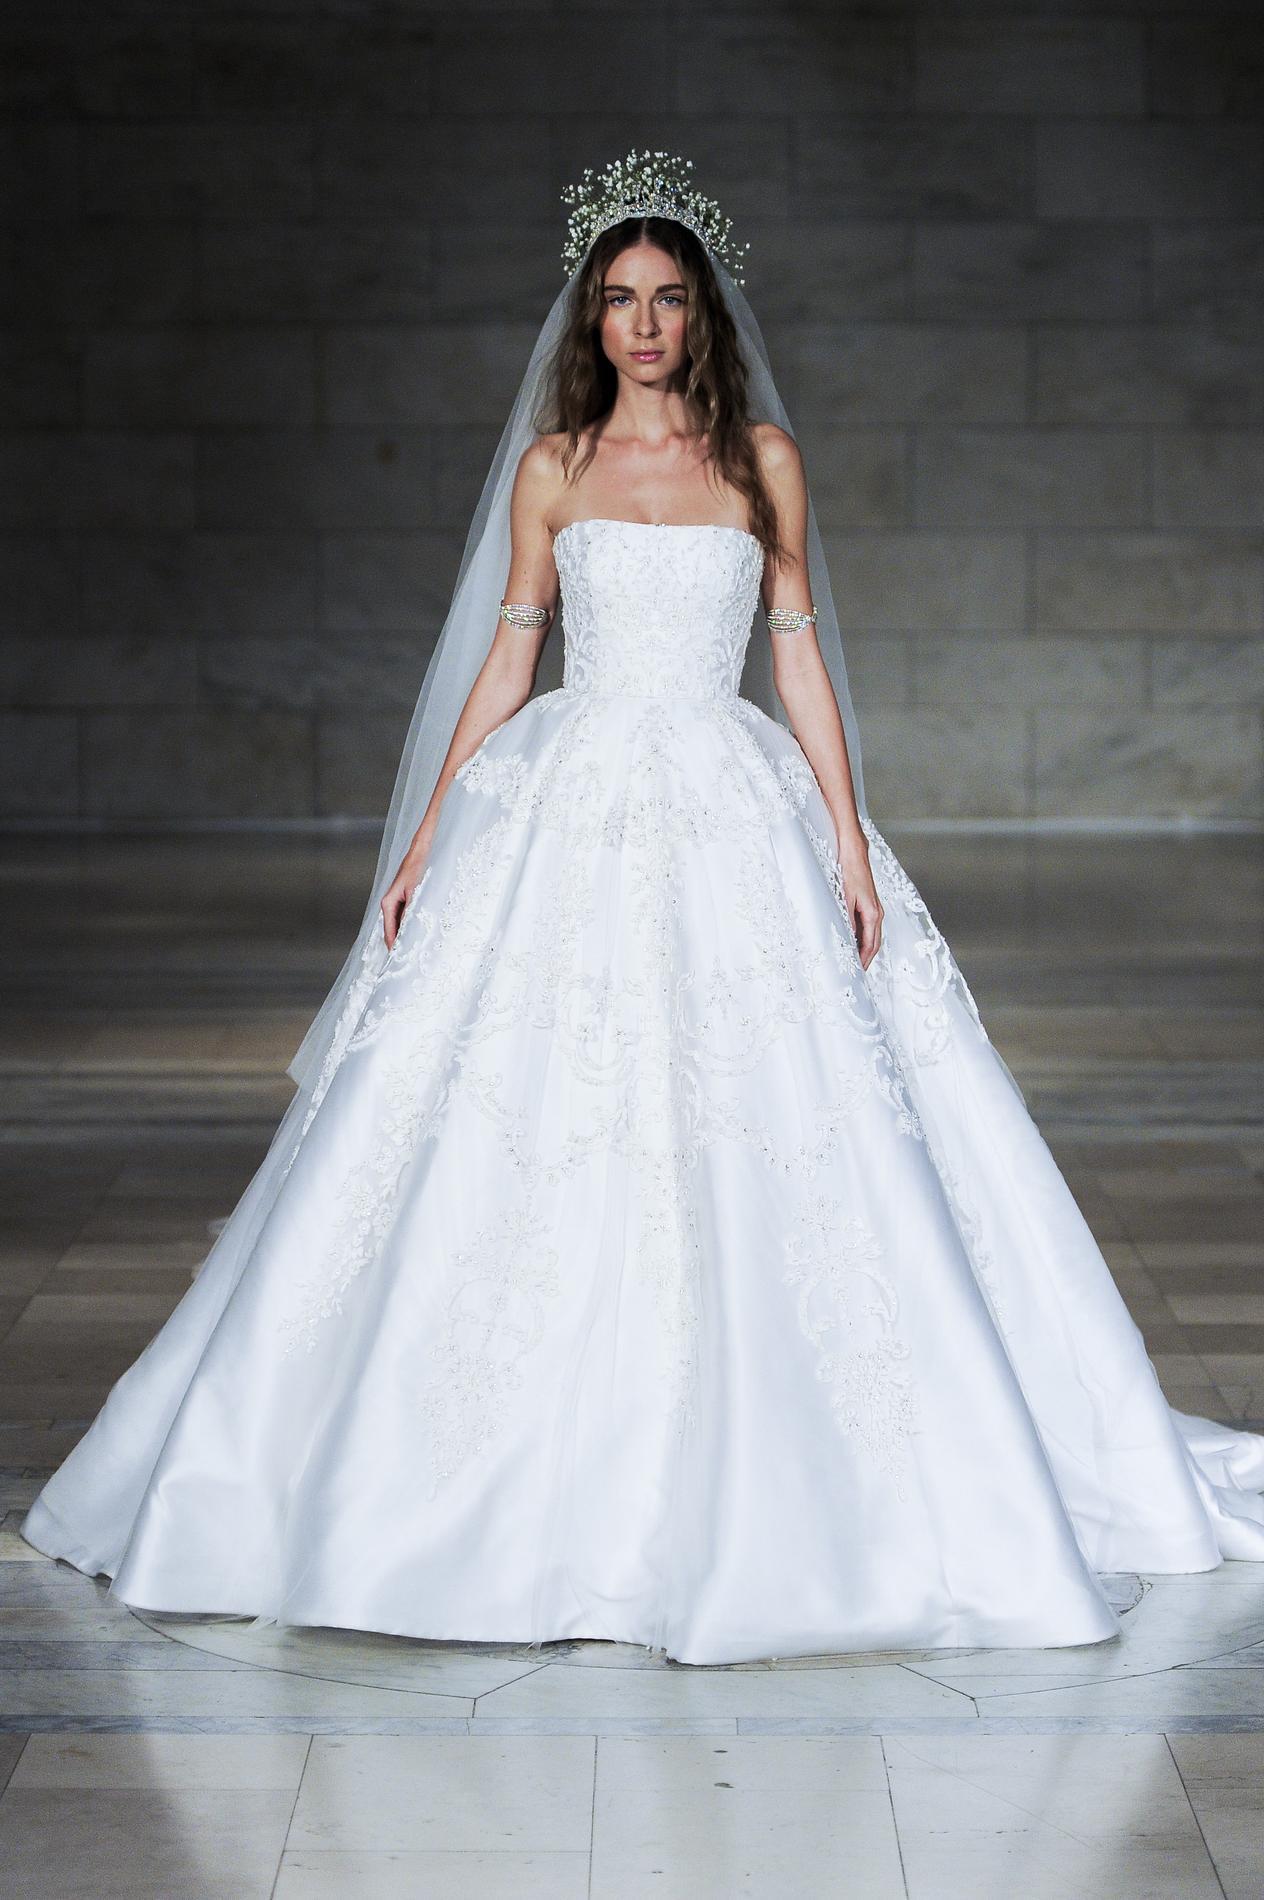 Week automne,hiver 2018,2019 , Vera Wang Le meilleur de la Bridal Week  automne,hiver 2018,2019 , Lela Rose Le meilleur de la Bridal Week  automne,hiver